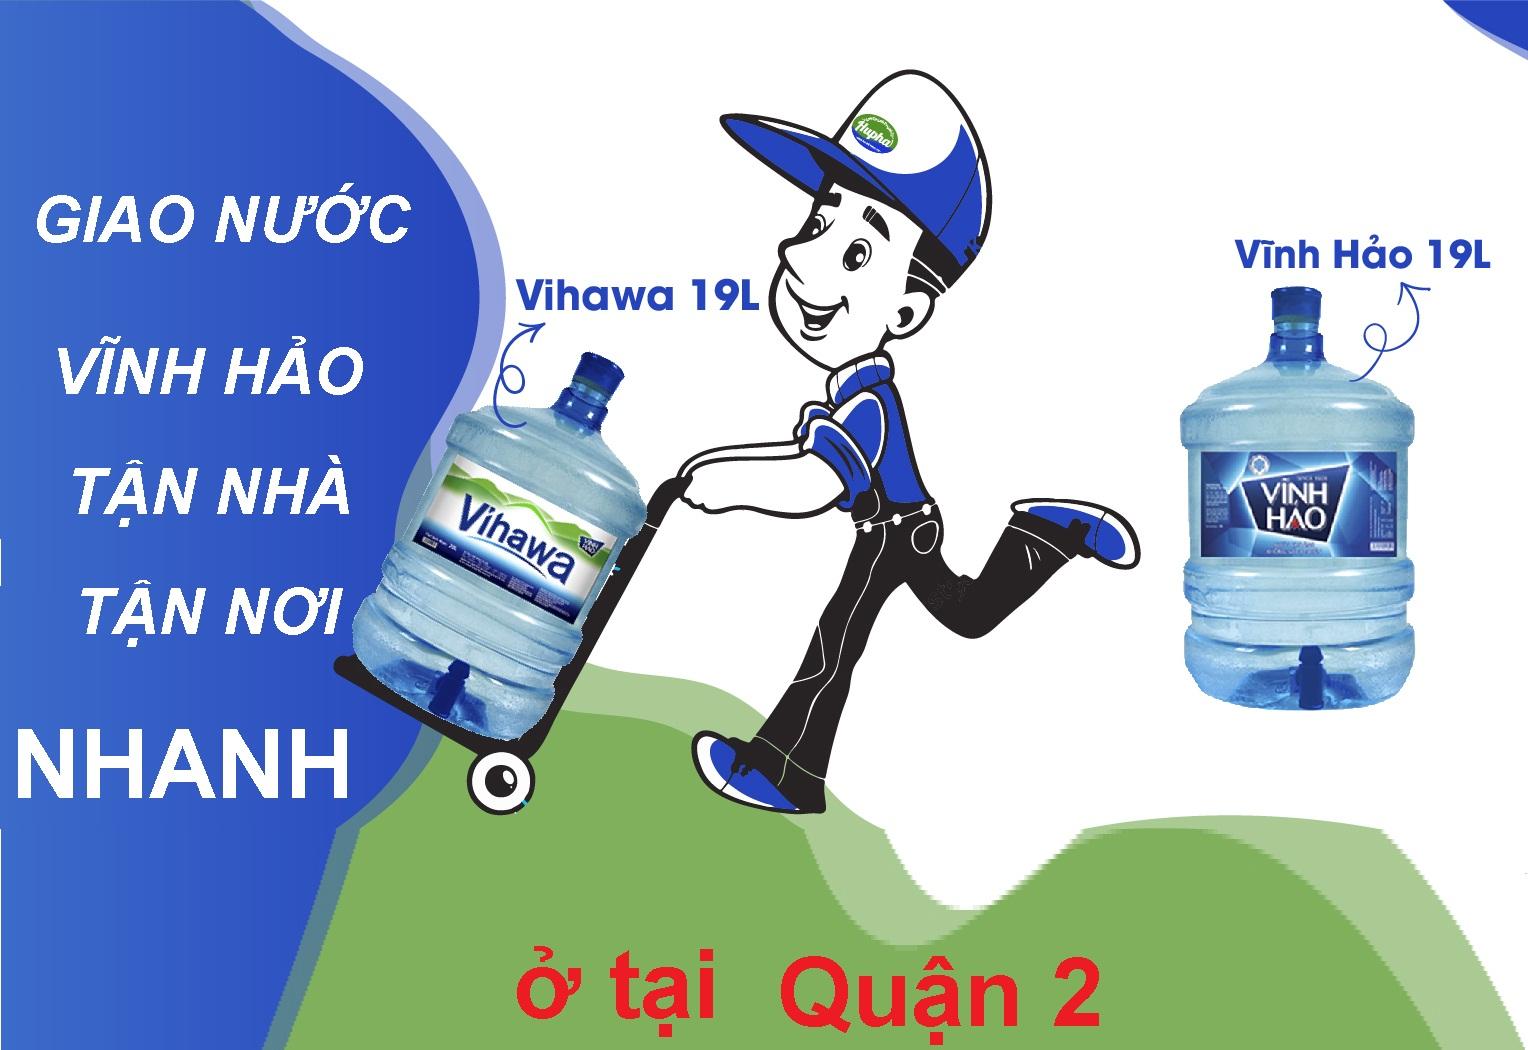 Giao nước Vĩnh Hảo tận nơi Quận 2- GIAO NUOC VINH HAO QUAN 2